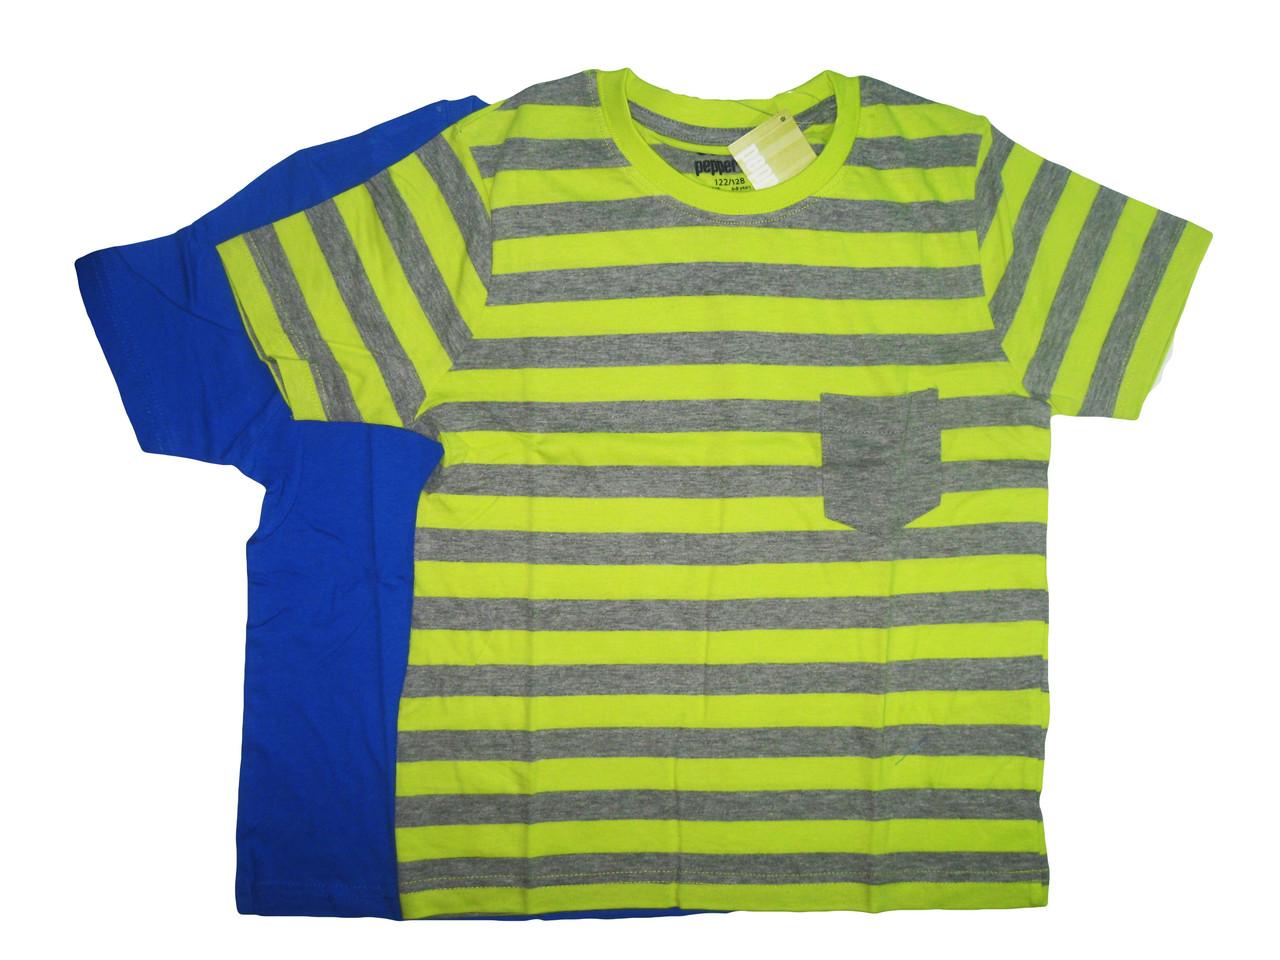 Футболка ( 2 шт. в упаковке ), для мальчика, Pepperts, размеры 134/140, арт. Л-018